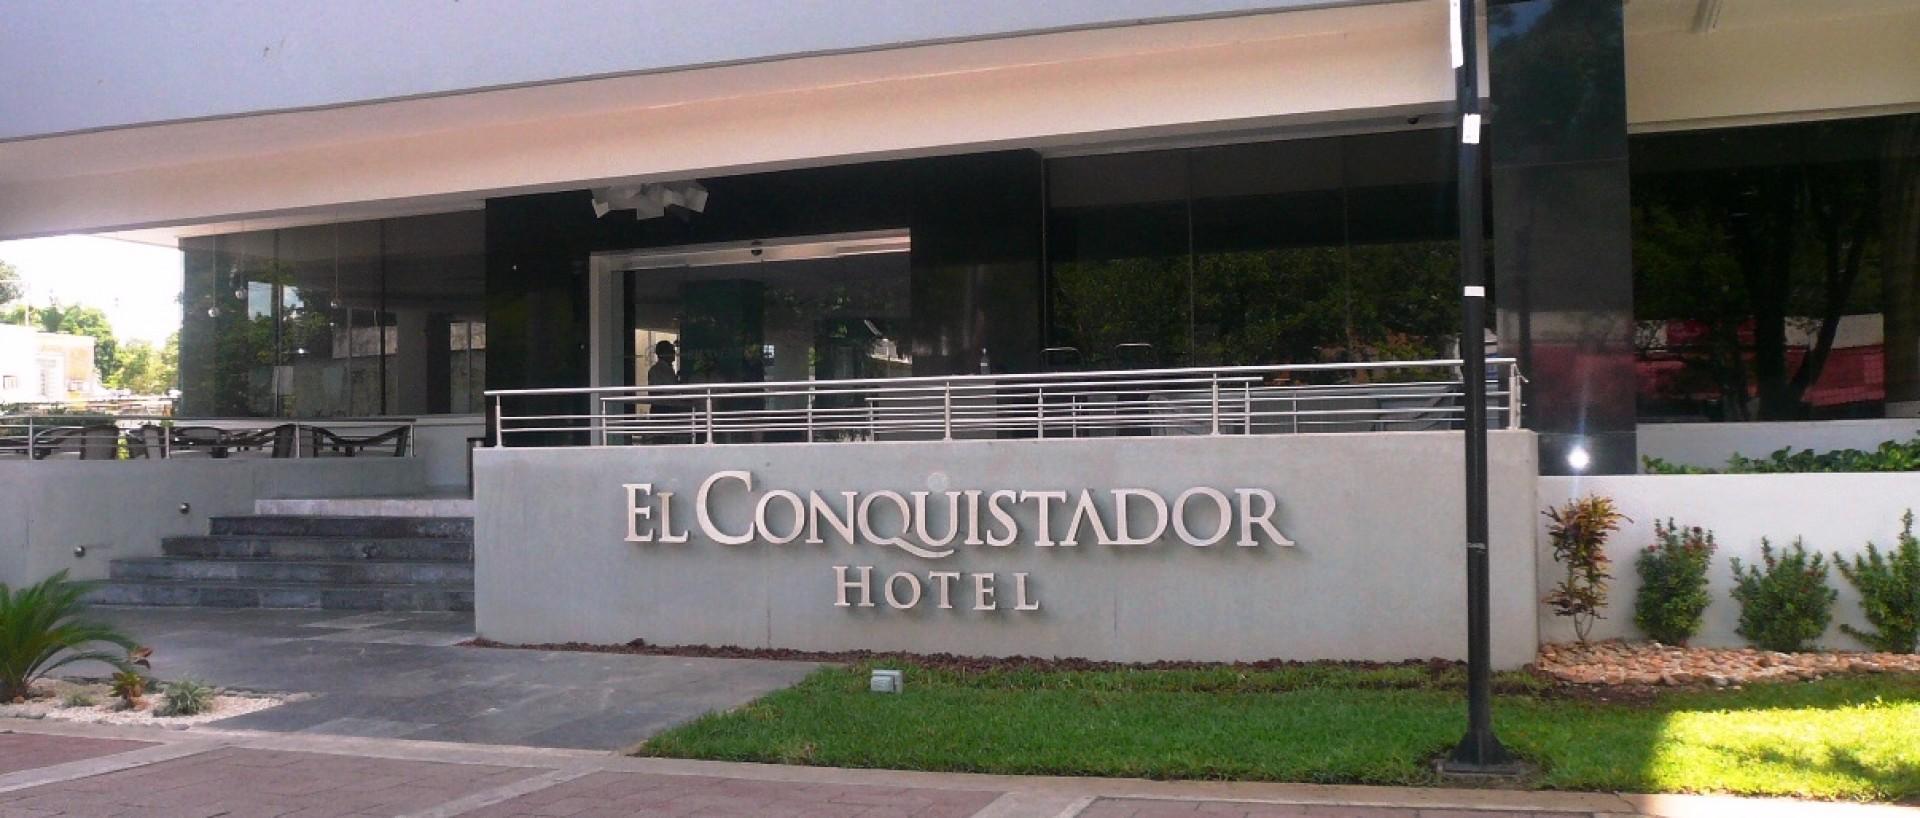 El Conquistador  Hotel en Mrida Yucatn  Mexico